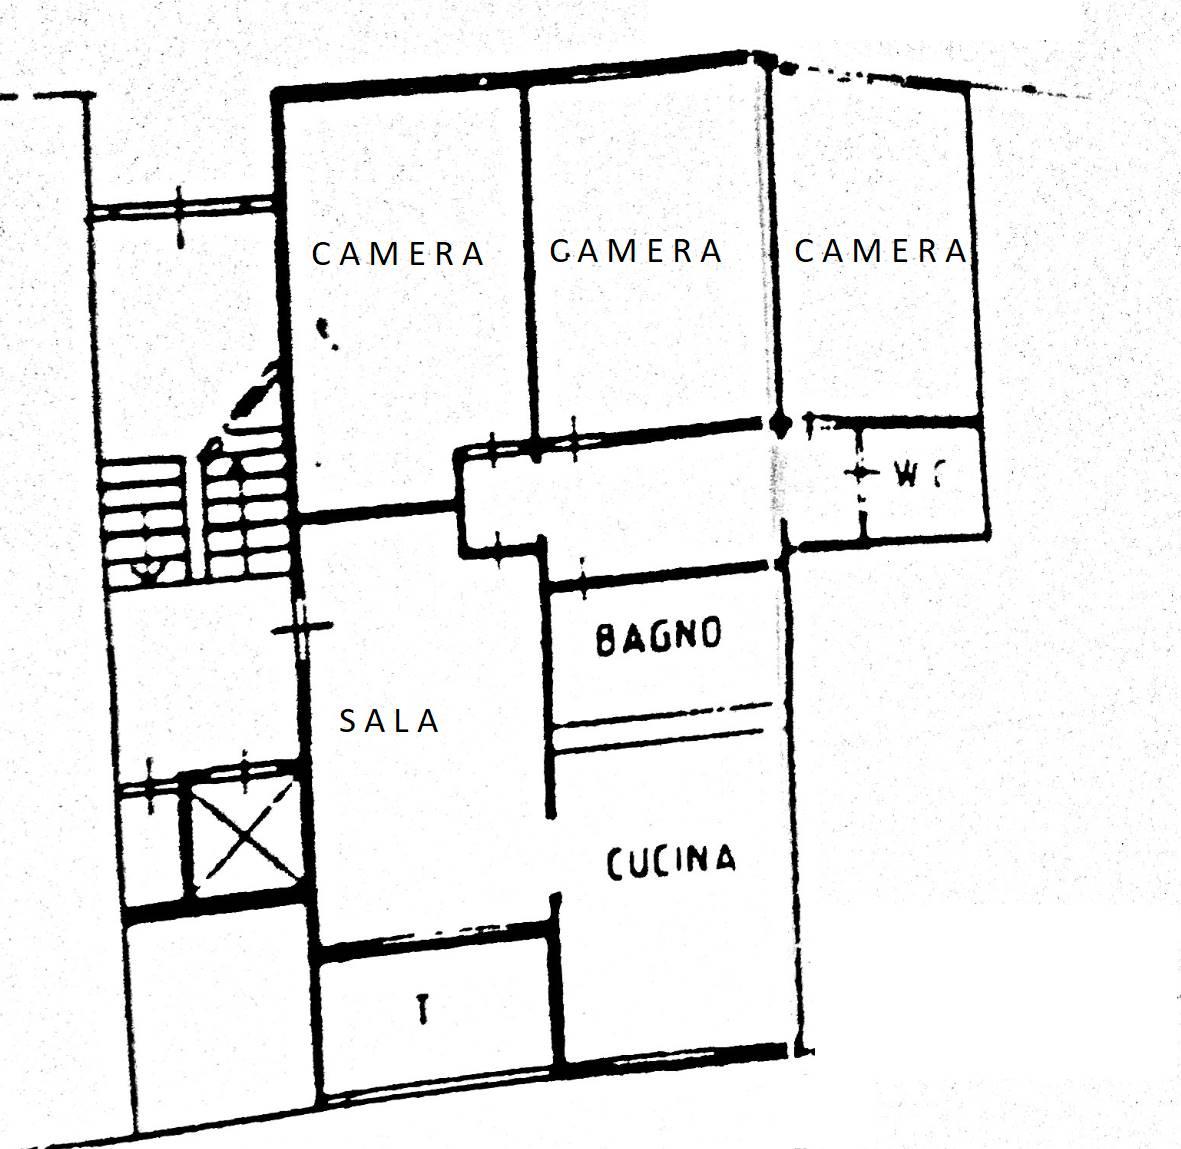 Planimetria - Rif. 1/0023